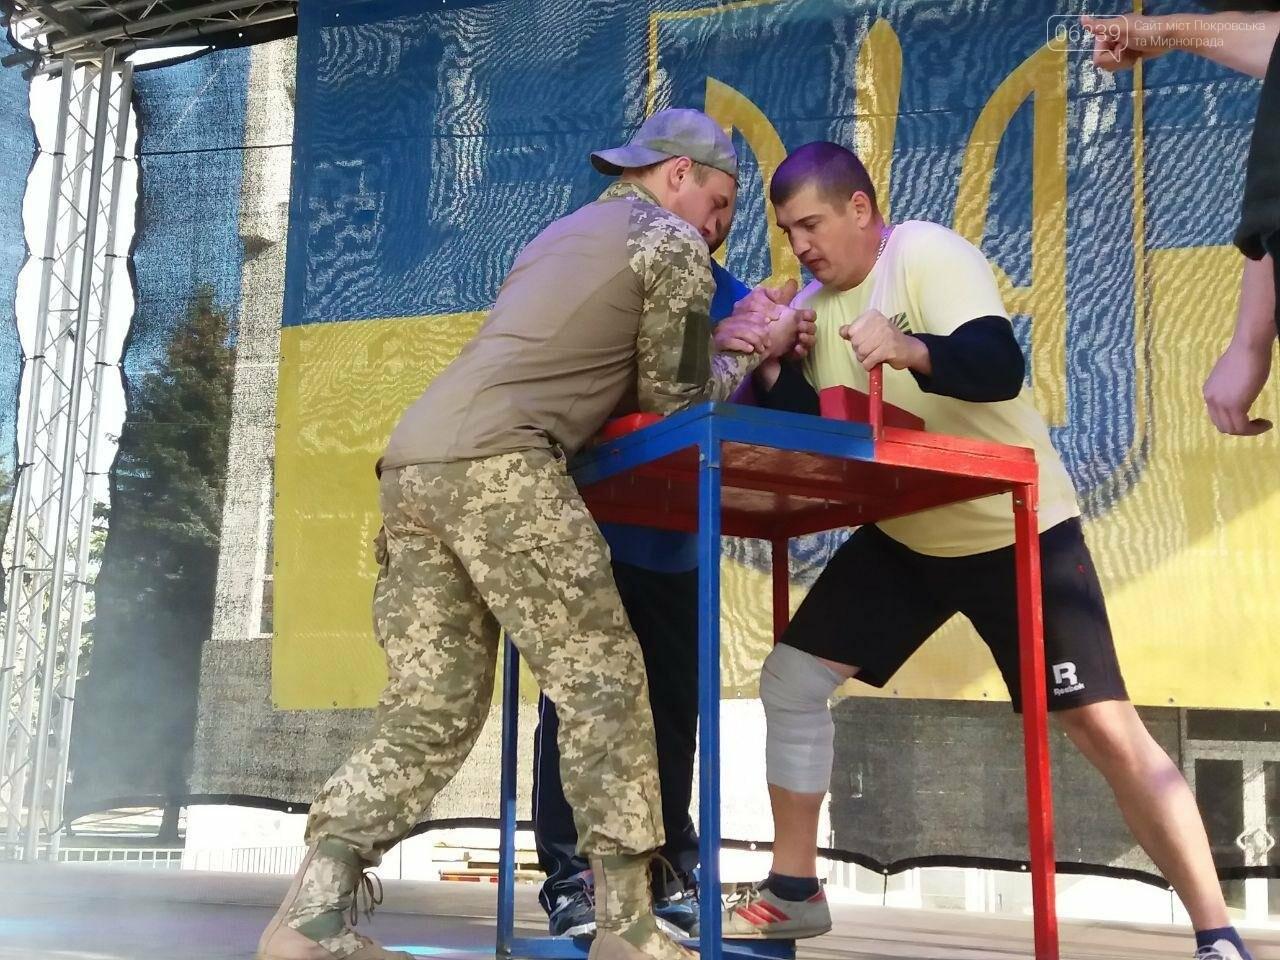 Покровські поліцейські взяли участь у міських змаганнях «Богатирське багатоборство», фото-3